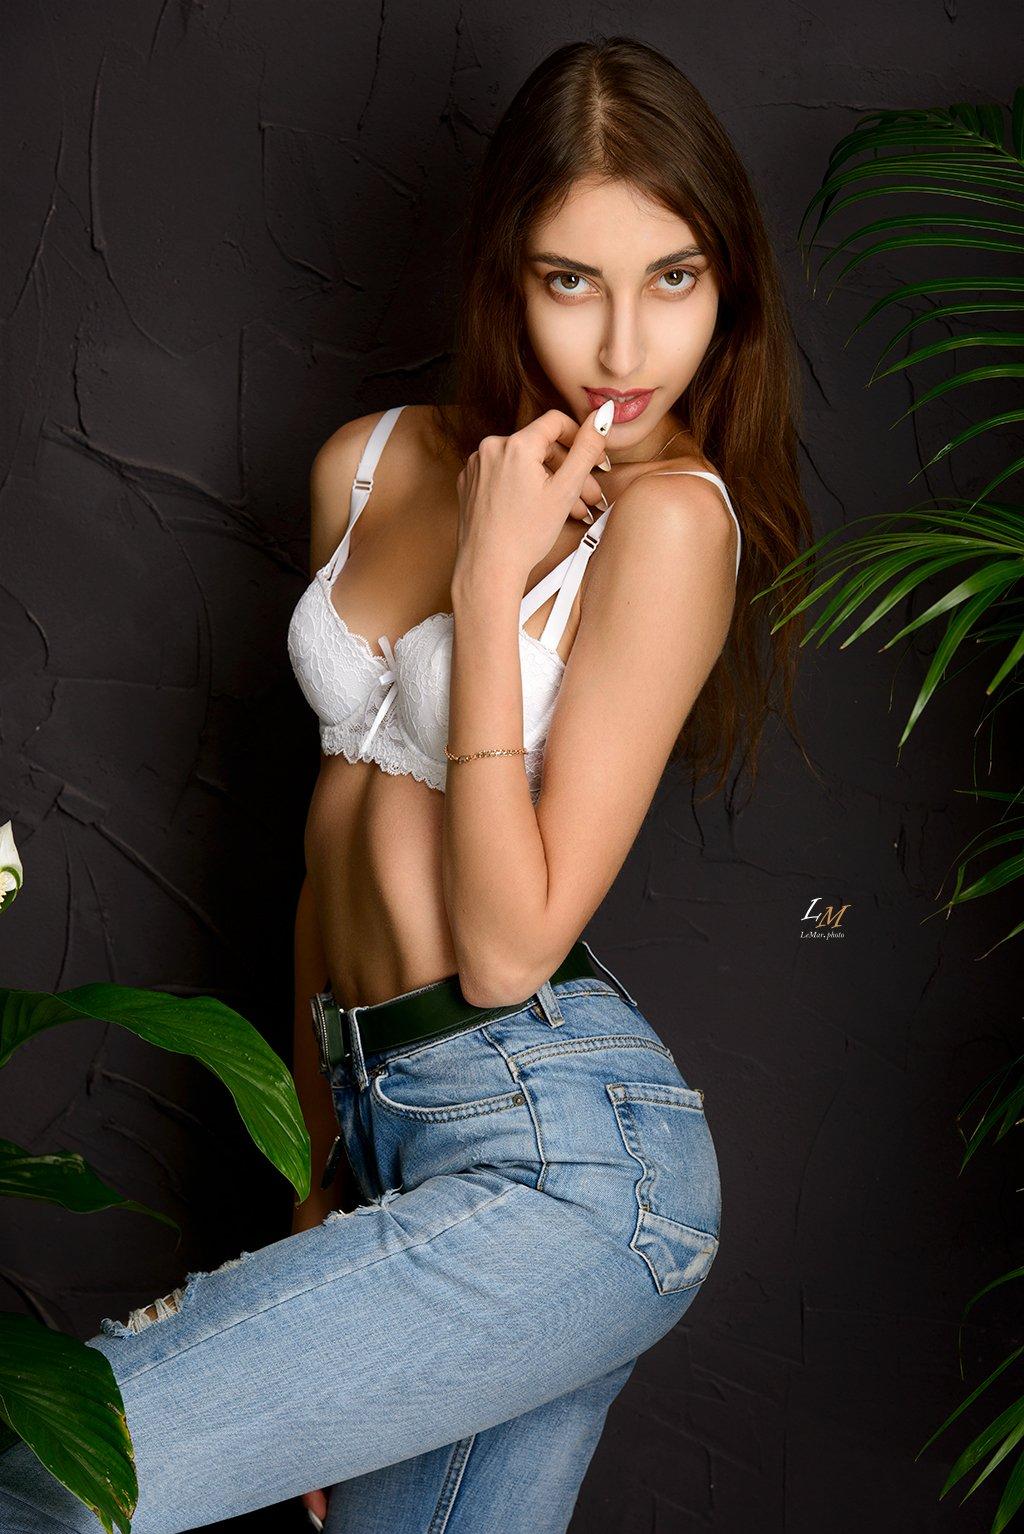 портрет, студийный портрет, студийный фотограф, фотограф москва, москва, фотограф в москве, студийная фотосессия, женский портрет, Маркачев Леонид